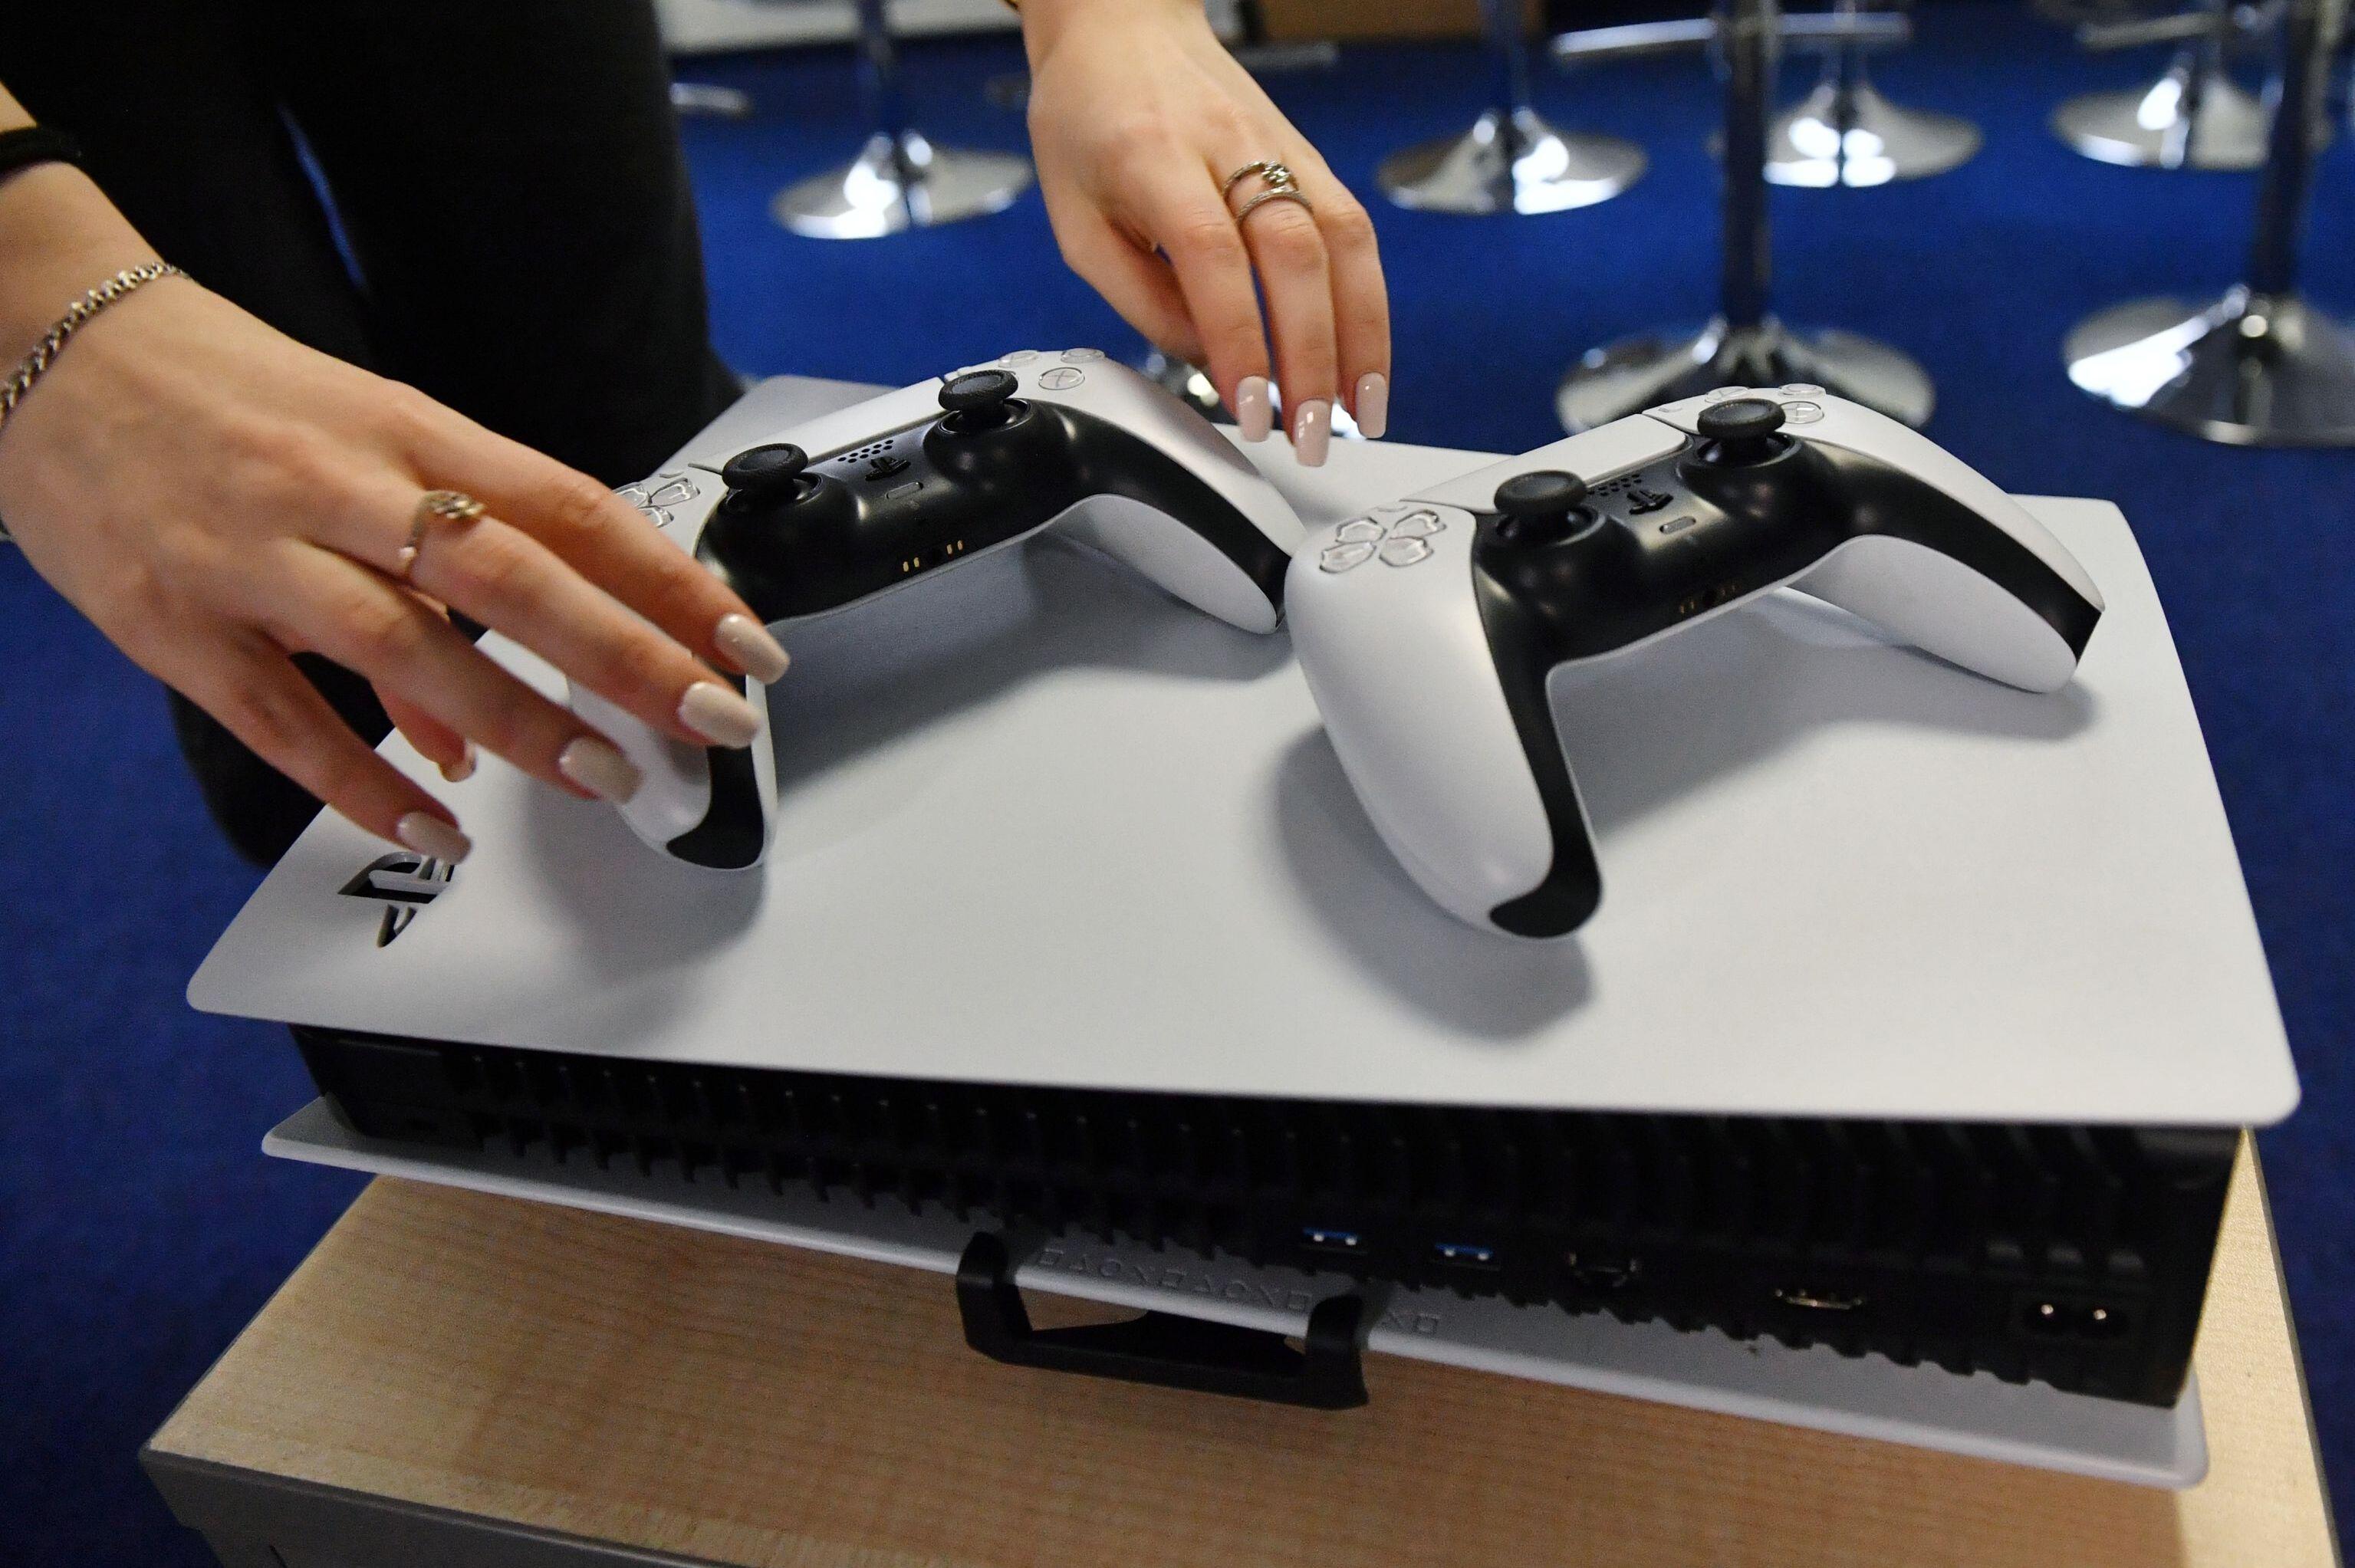 Novo console da Sony, PlayStation 5, começa a ser vendido na Rússia